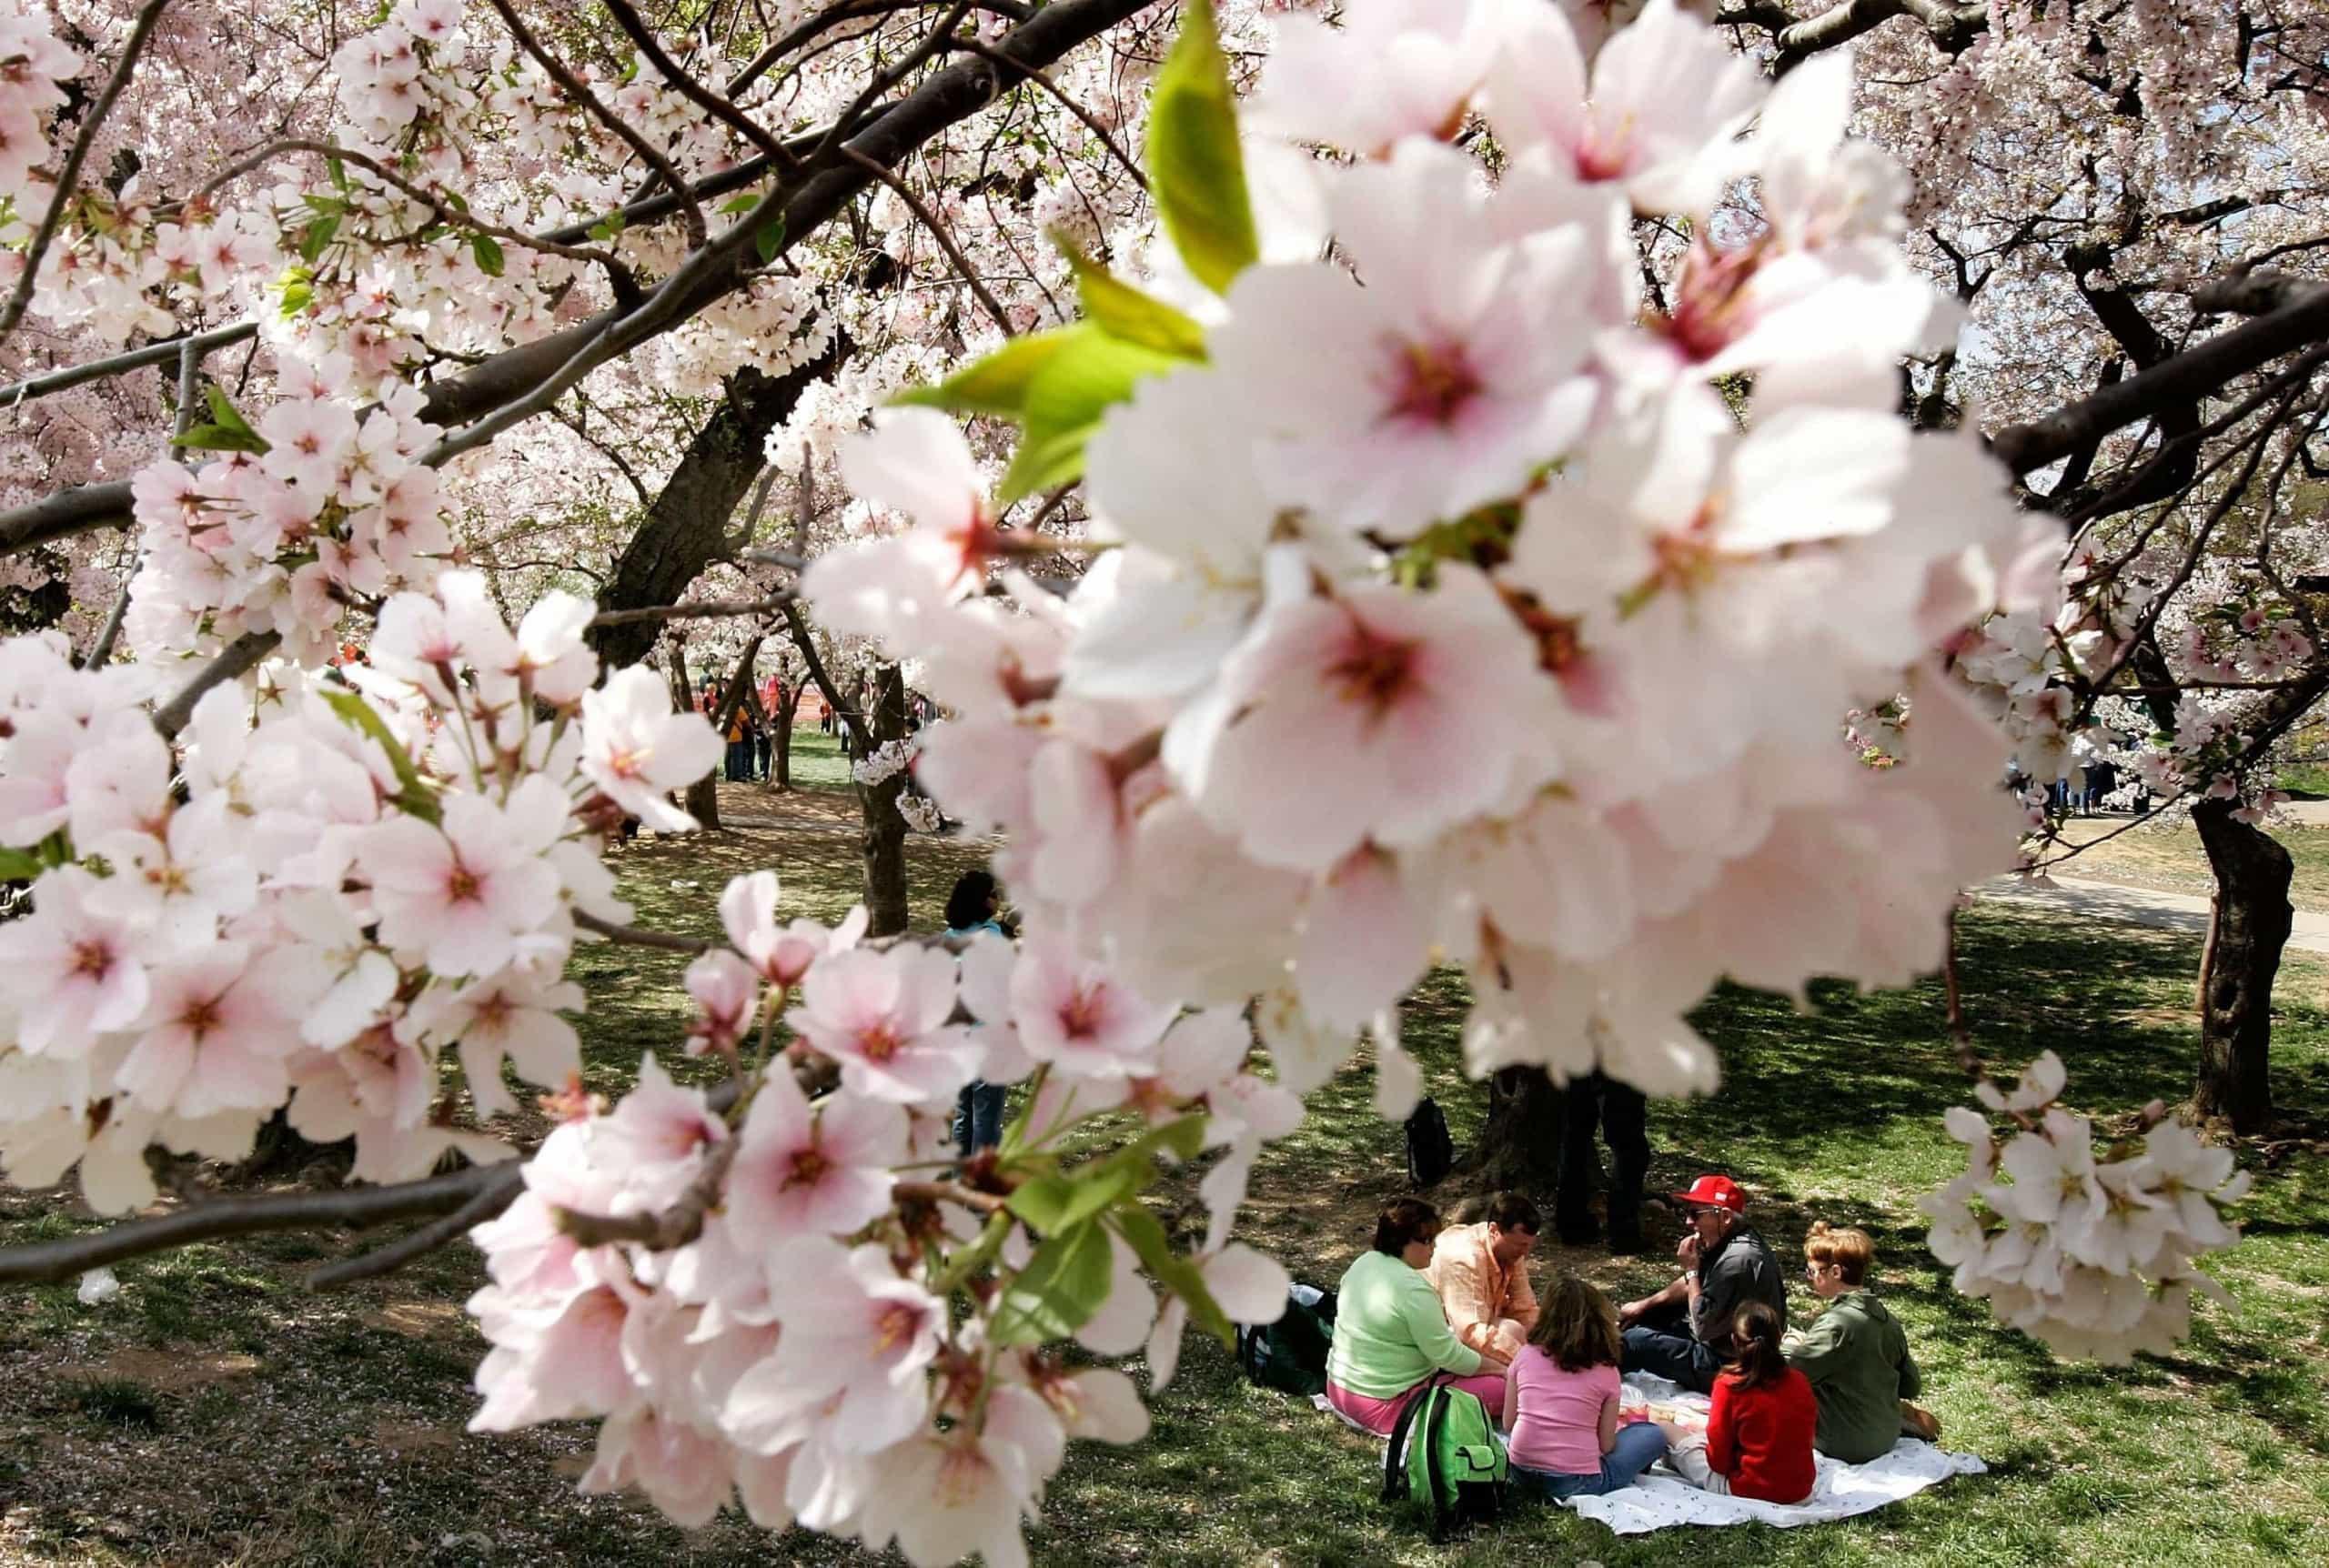 Já chegou! A beleza da primavera pelo mundo